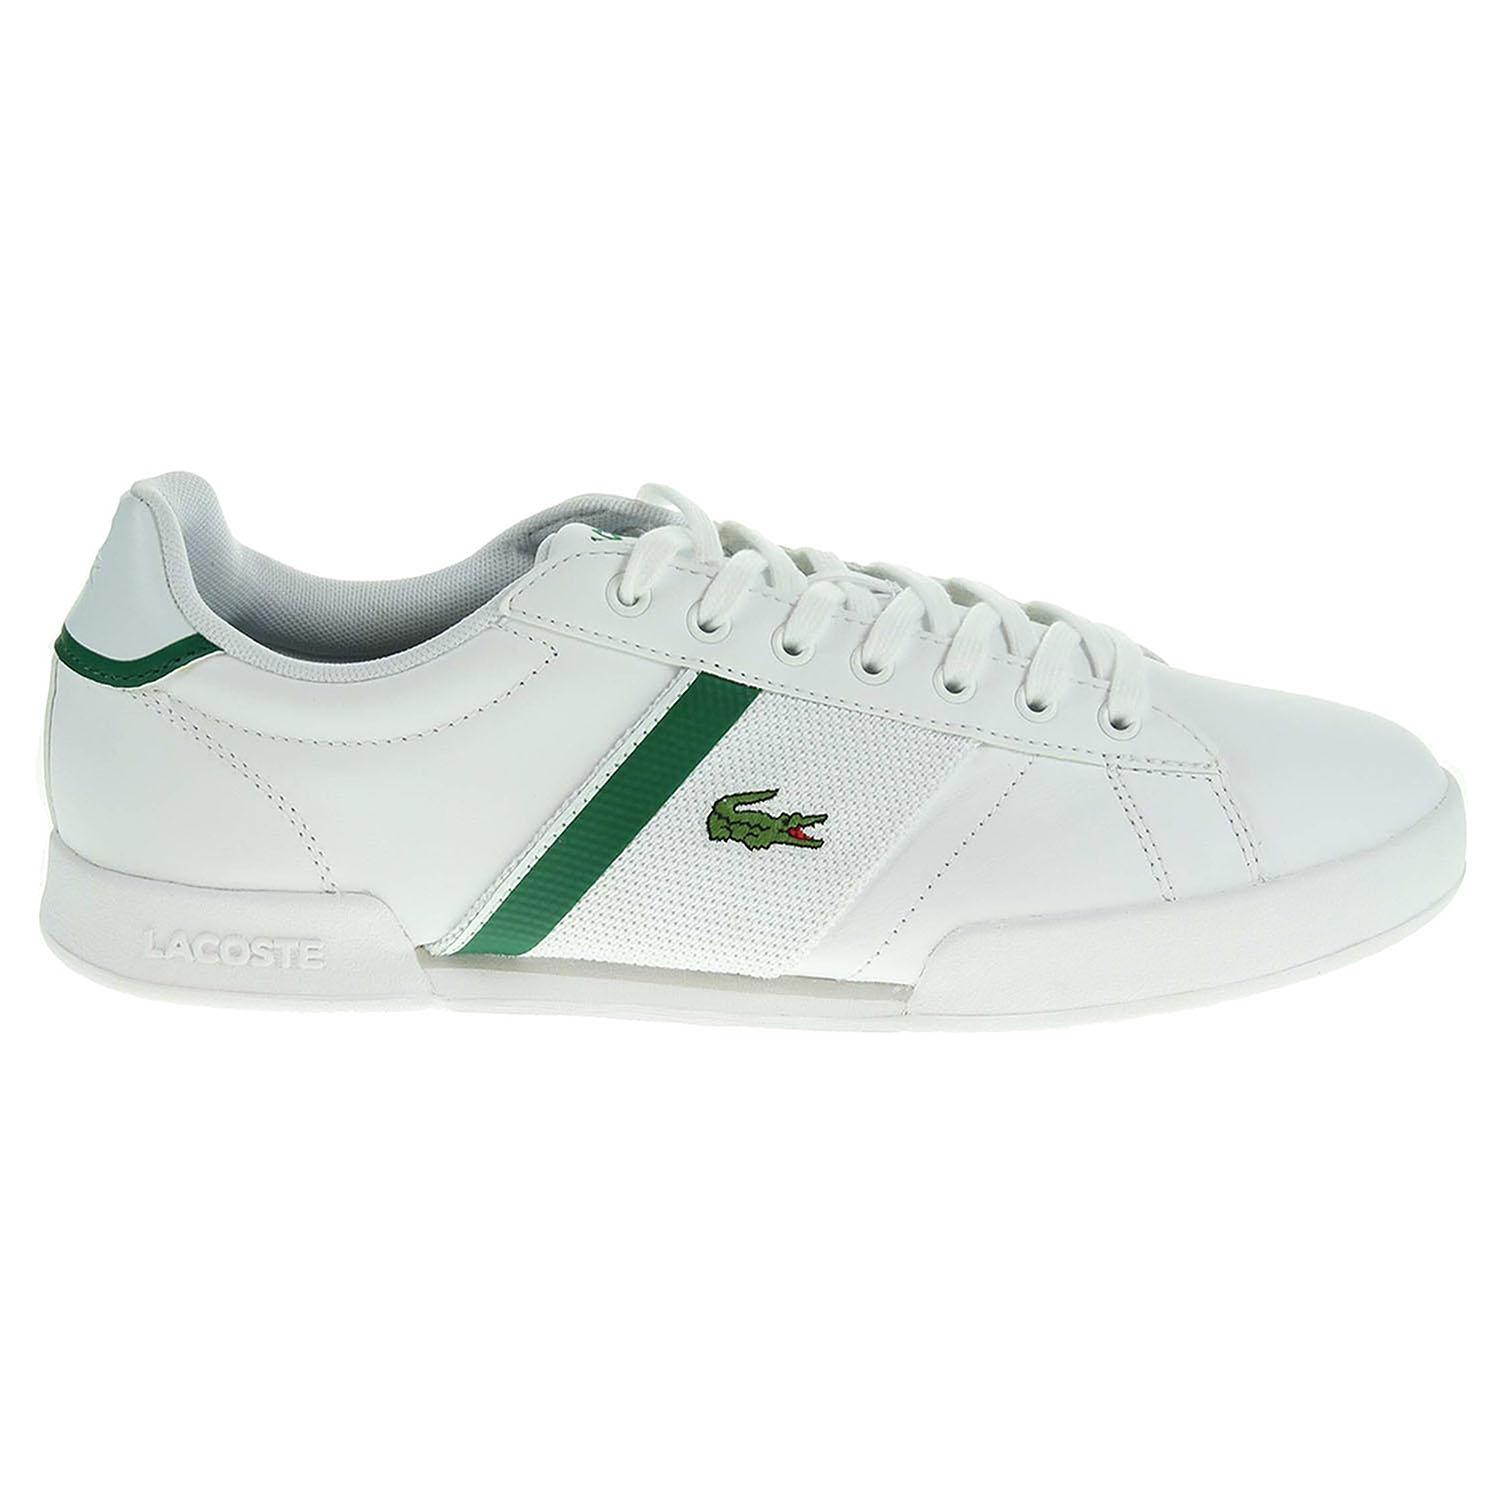 Ecco Lacoste Deston pánská obuv bílá 24000452